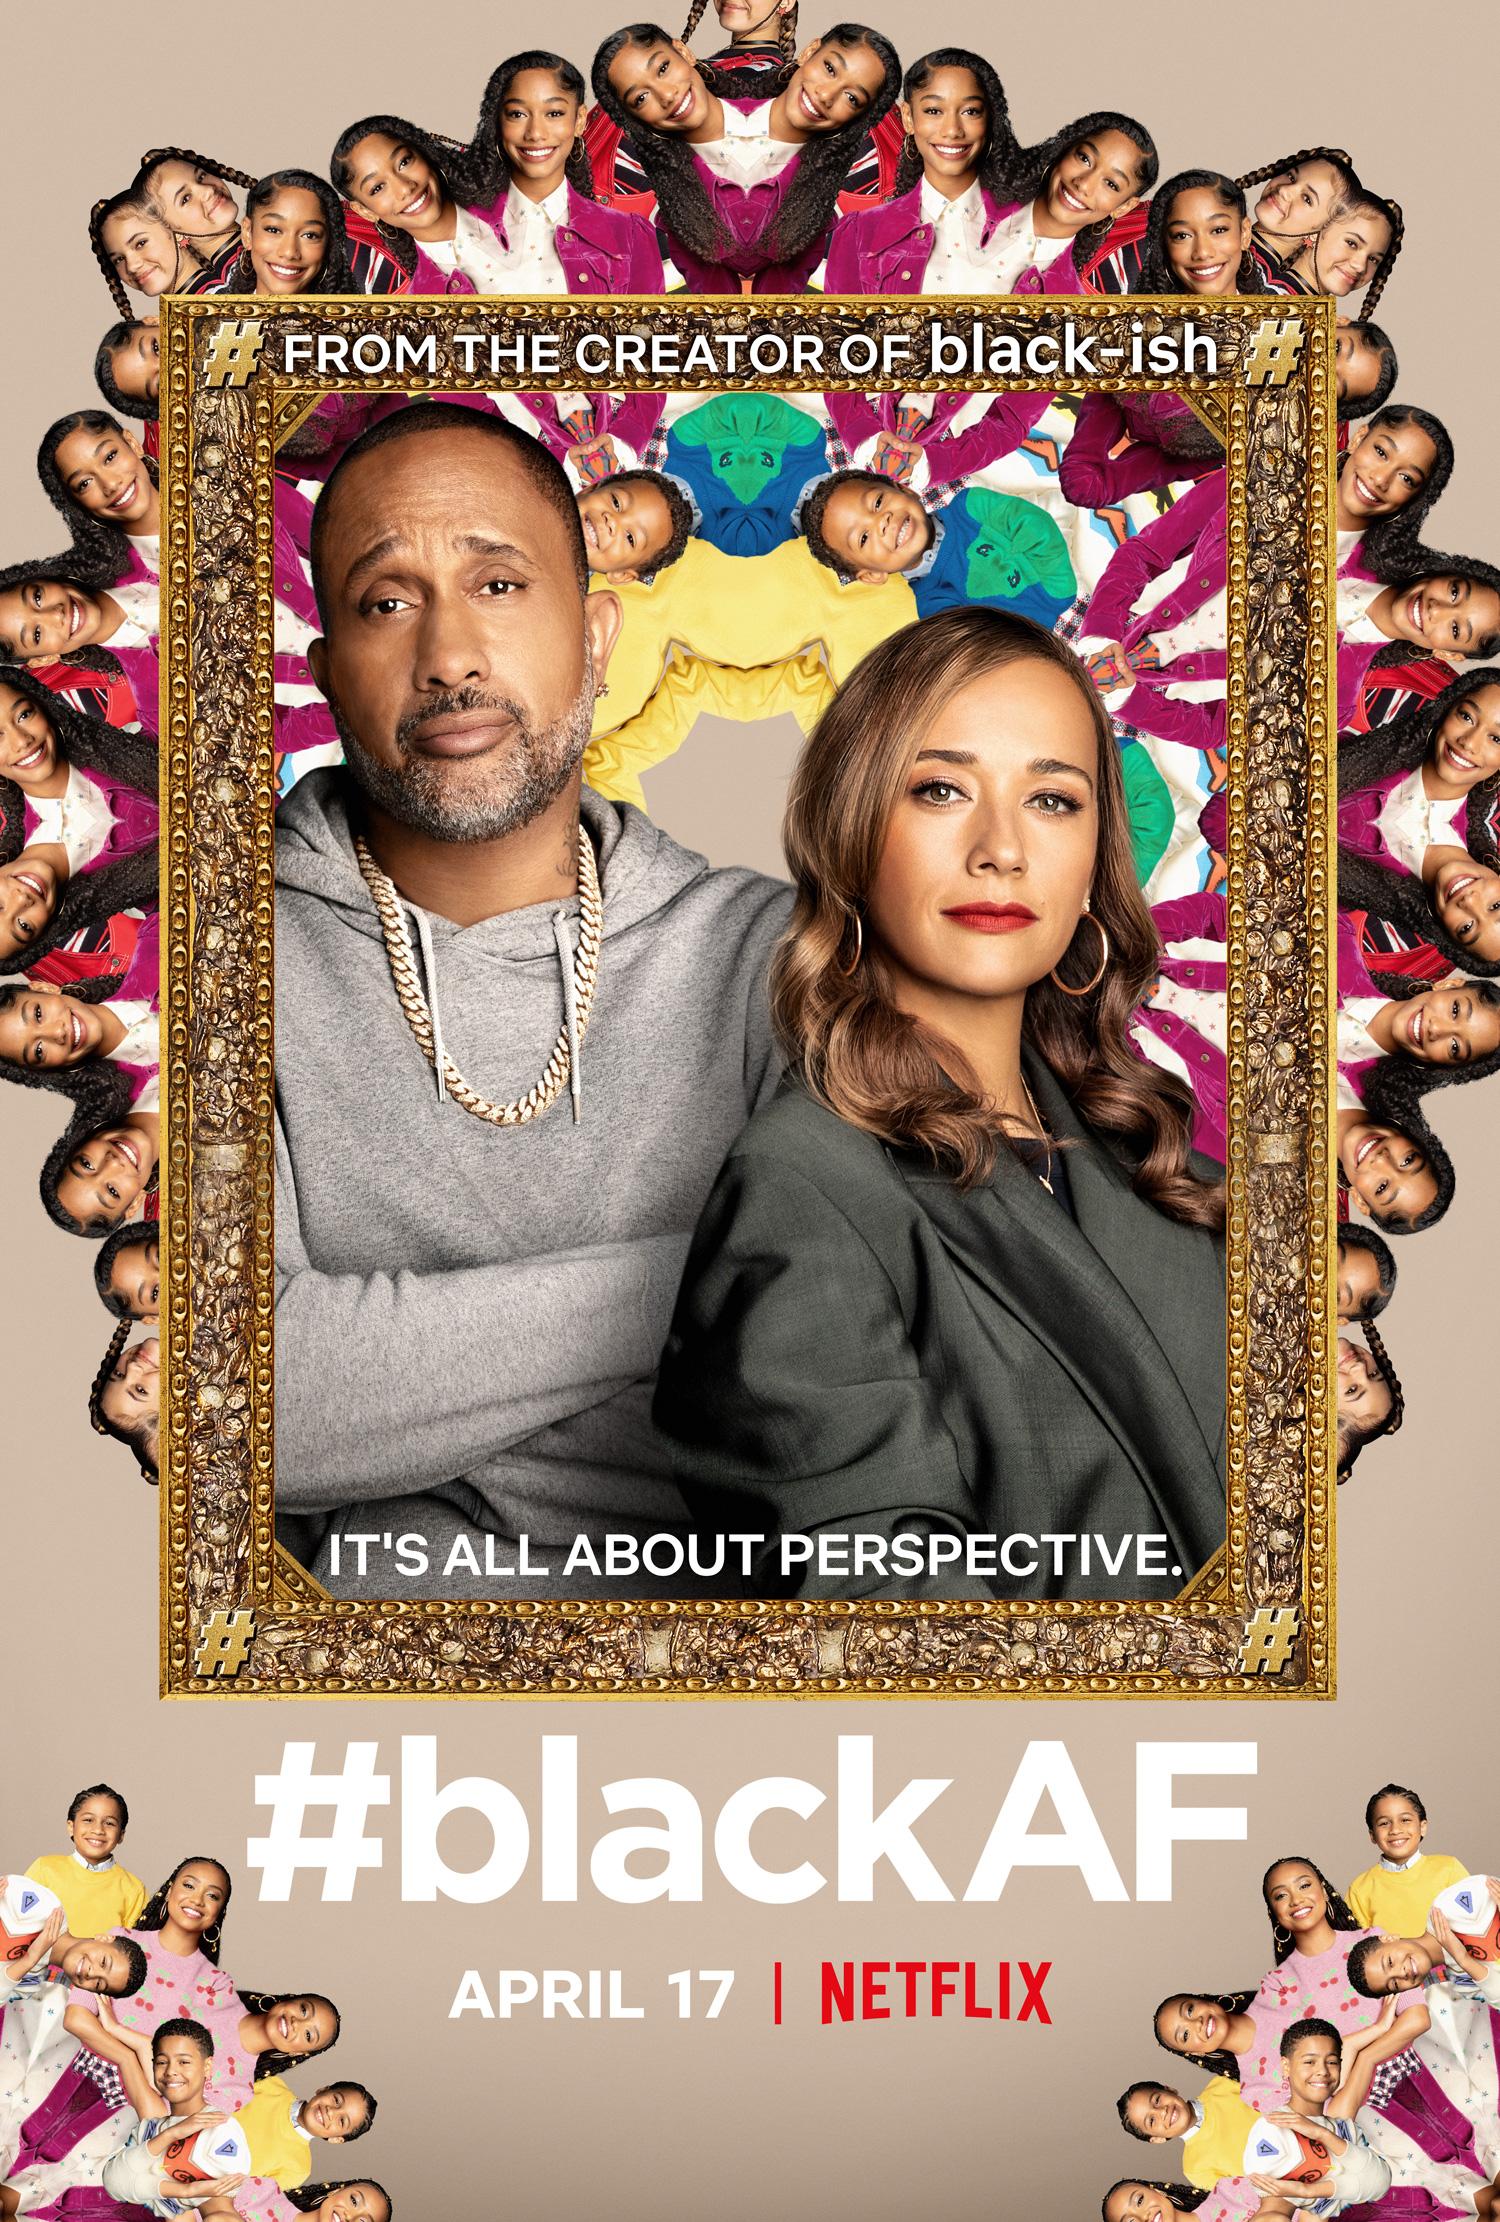 New Show: Netflix #blackAF